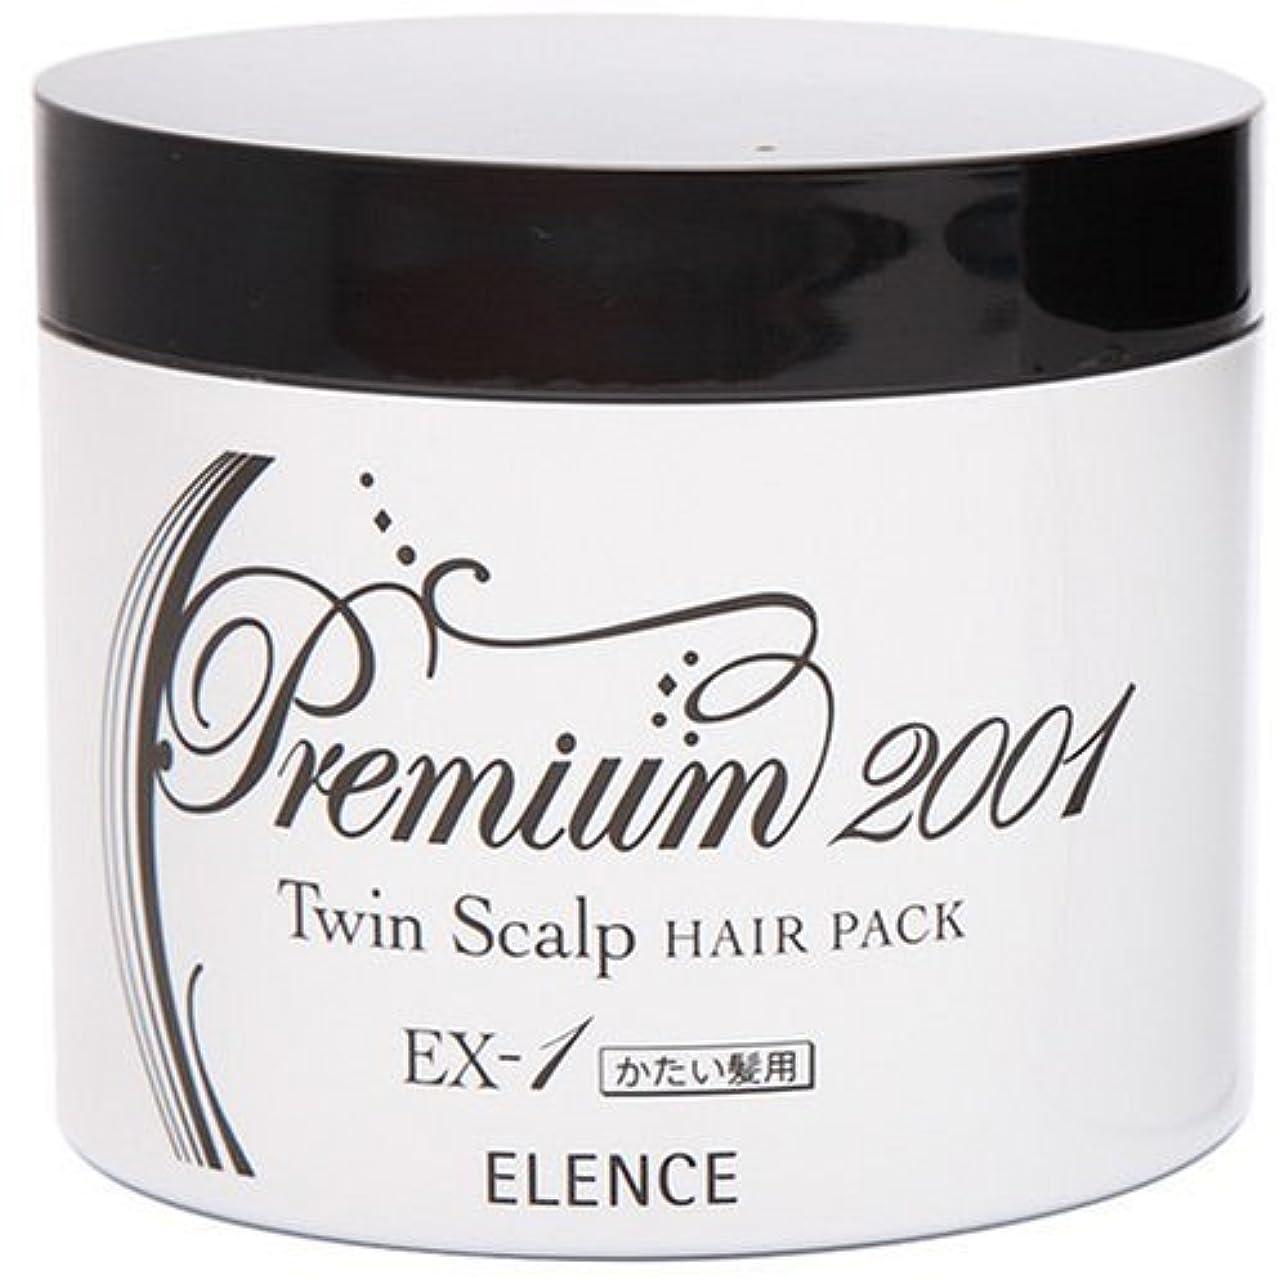 昼食つぶやき太陽エレンス2001 ツインスキャルプヘアパックEX-1(かたい髪用)